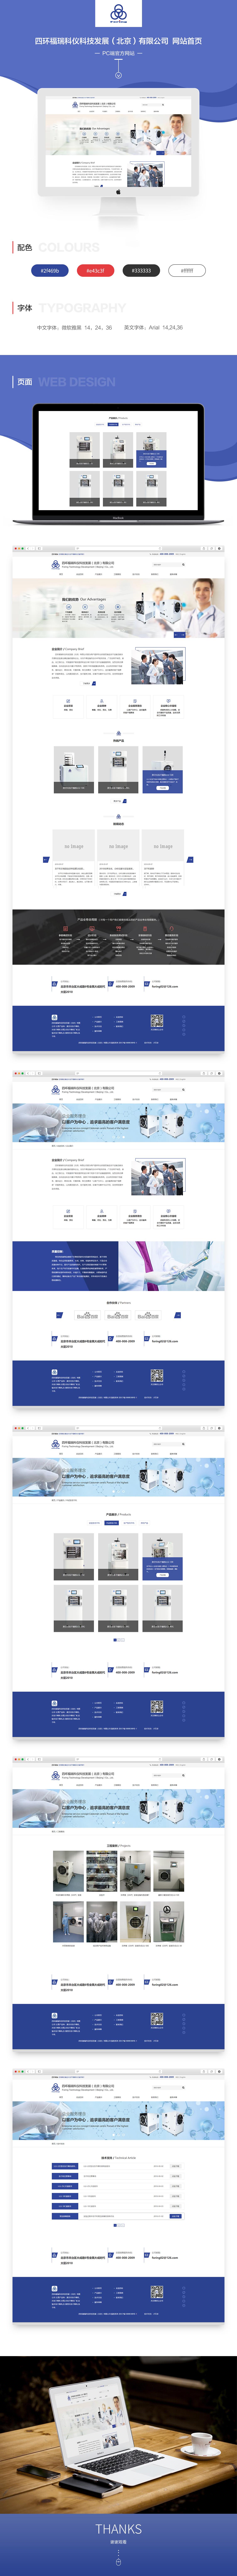 公司案例展示2018-35四环福瑞科技有限公司